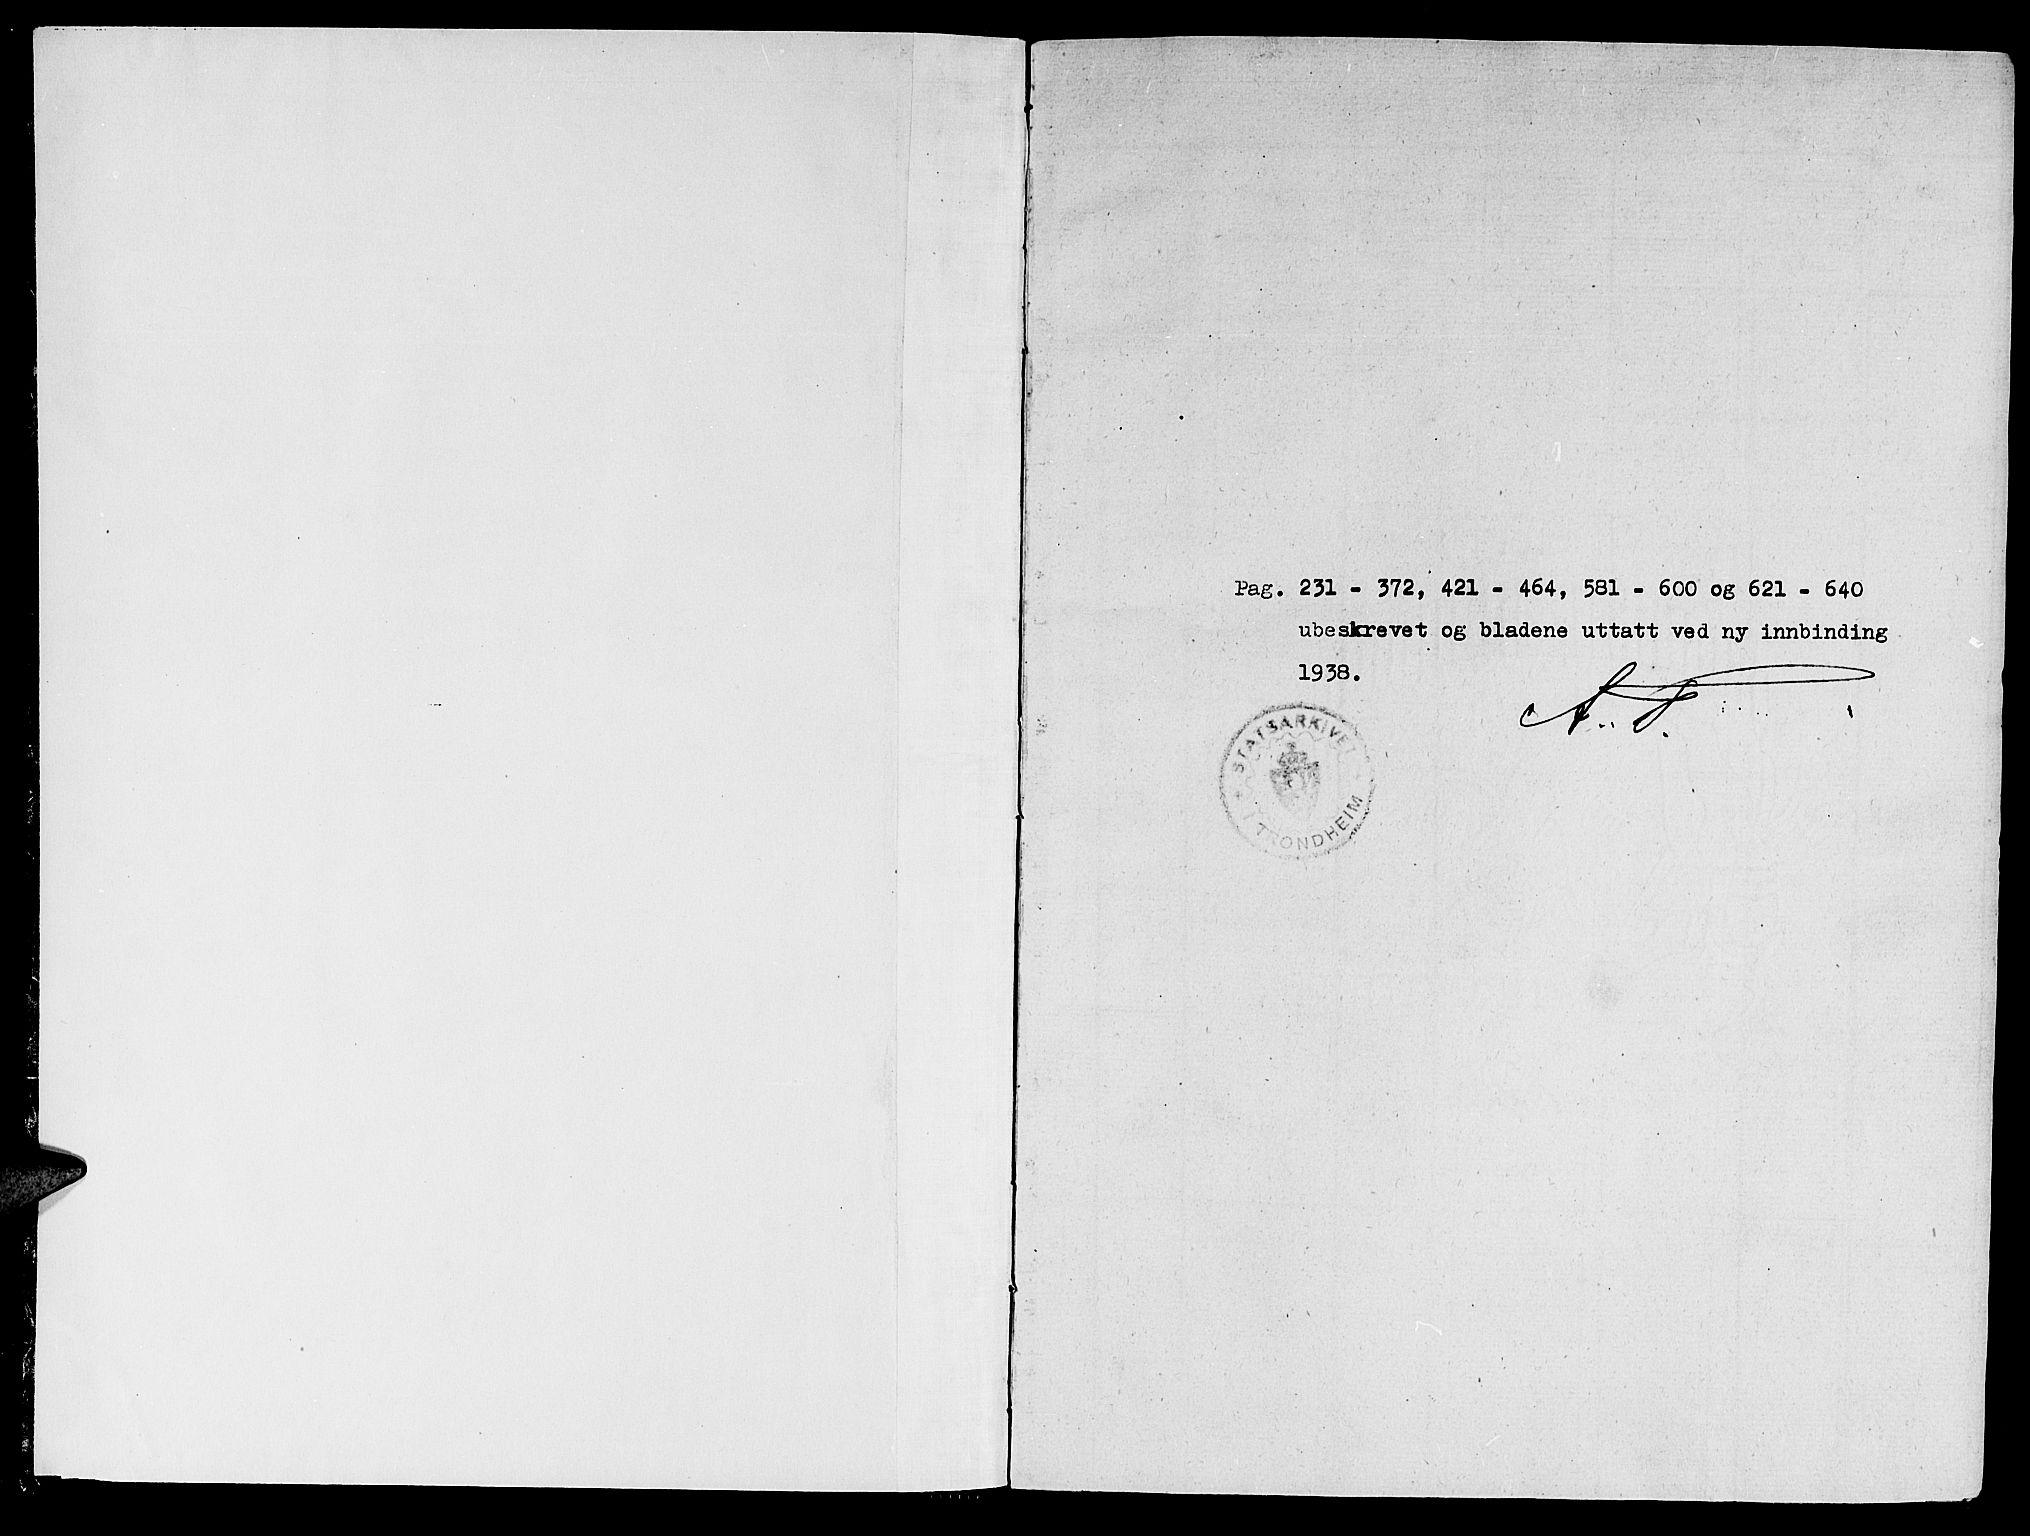 SAT, Ministerialprotokoller, klokkerbøker og fødselsregistre - Nord-Trøndelag, 733/L0322: Ministerialbok nr. 733A01, 1817-1842